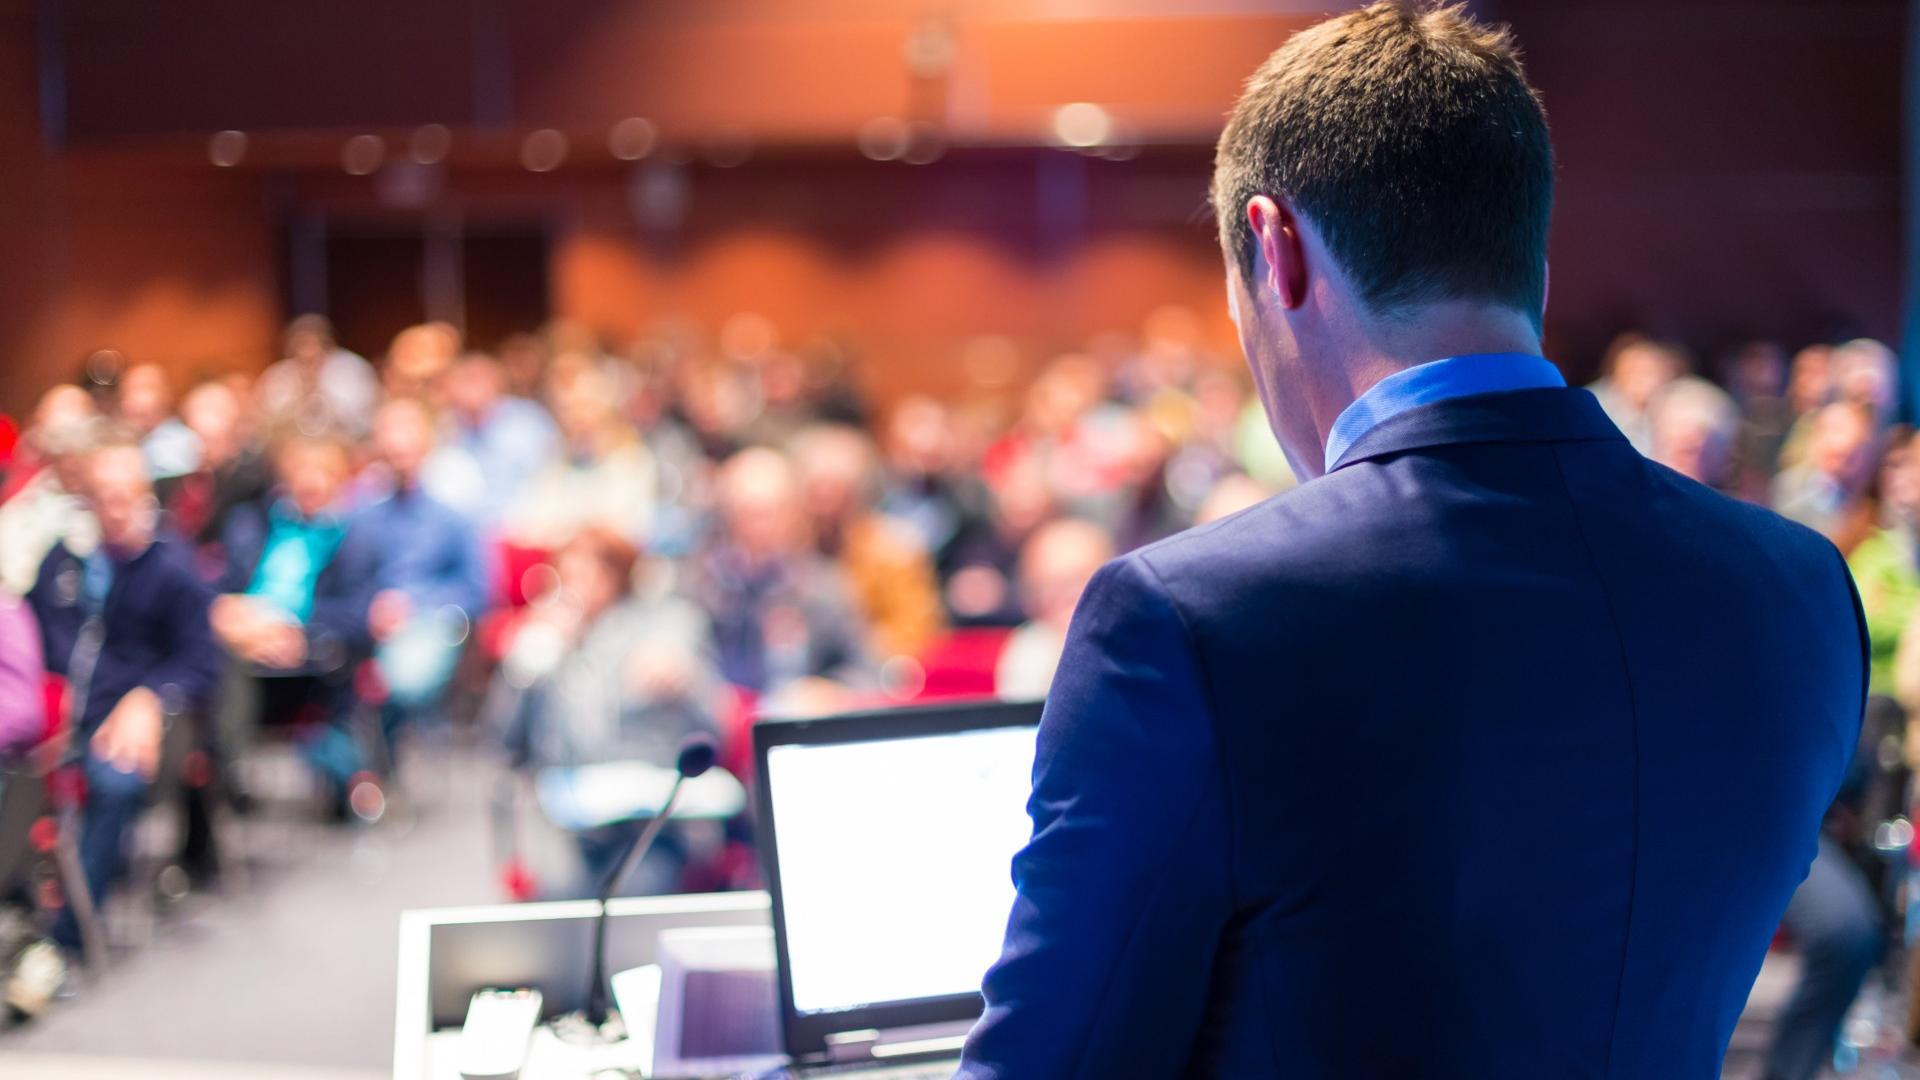 Auch Konferenzen gelten als großer Corona-Hotspot.